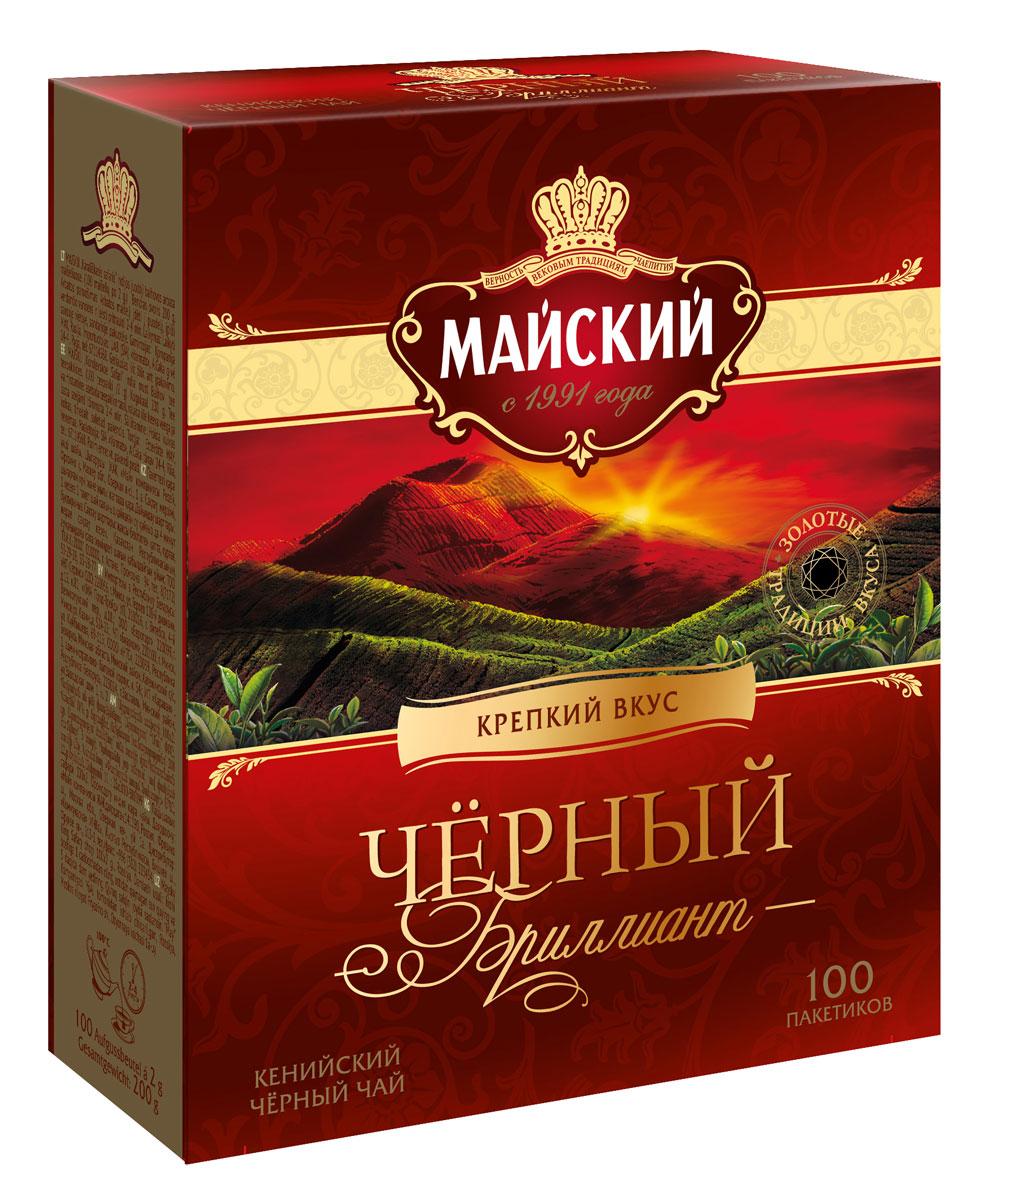 Майский Черный Бриллиант черный чай в пакетиках, 100 шт100992Майский Черный Бриллиант - оригинальный купаж кенийского черного чая обладает насыщенным вкусом с легкими ореховыми нотками.